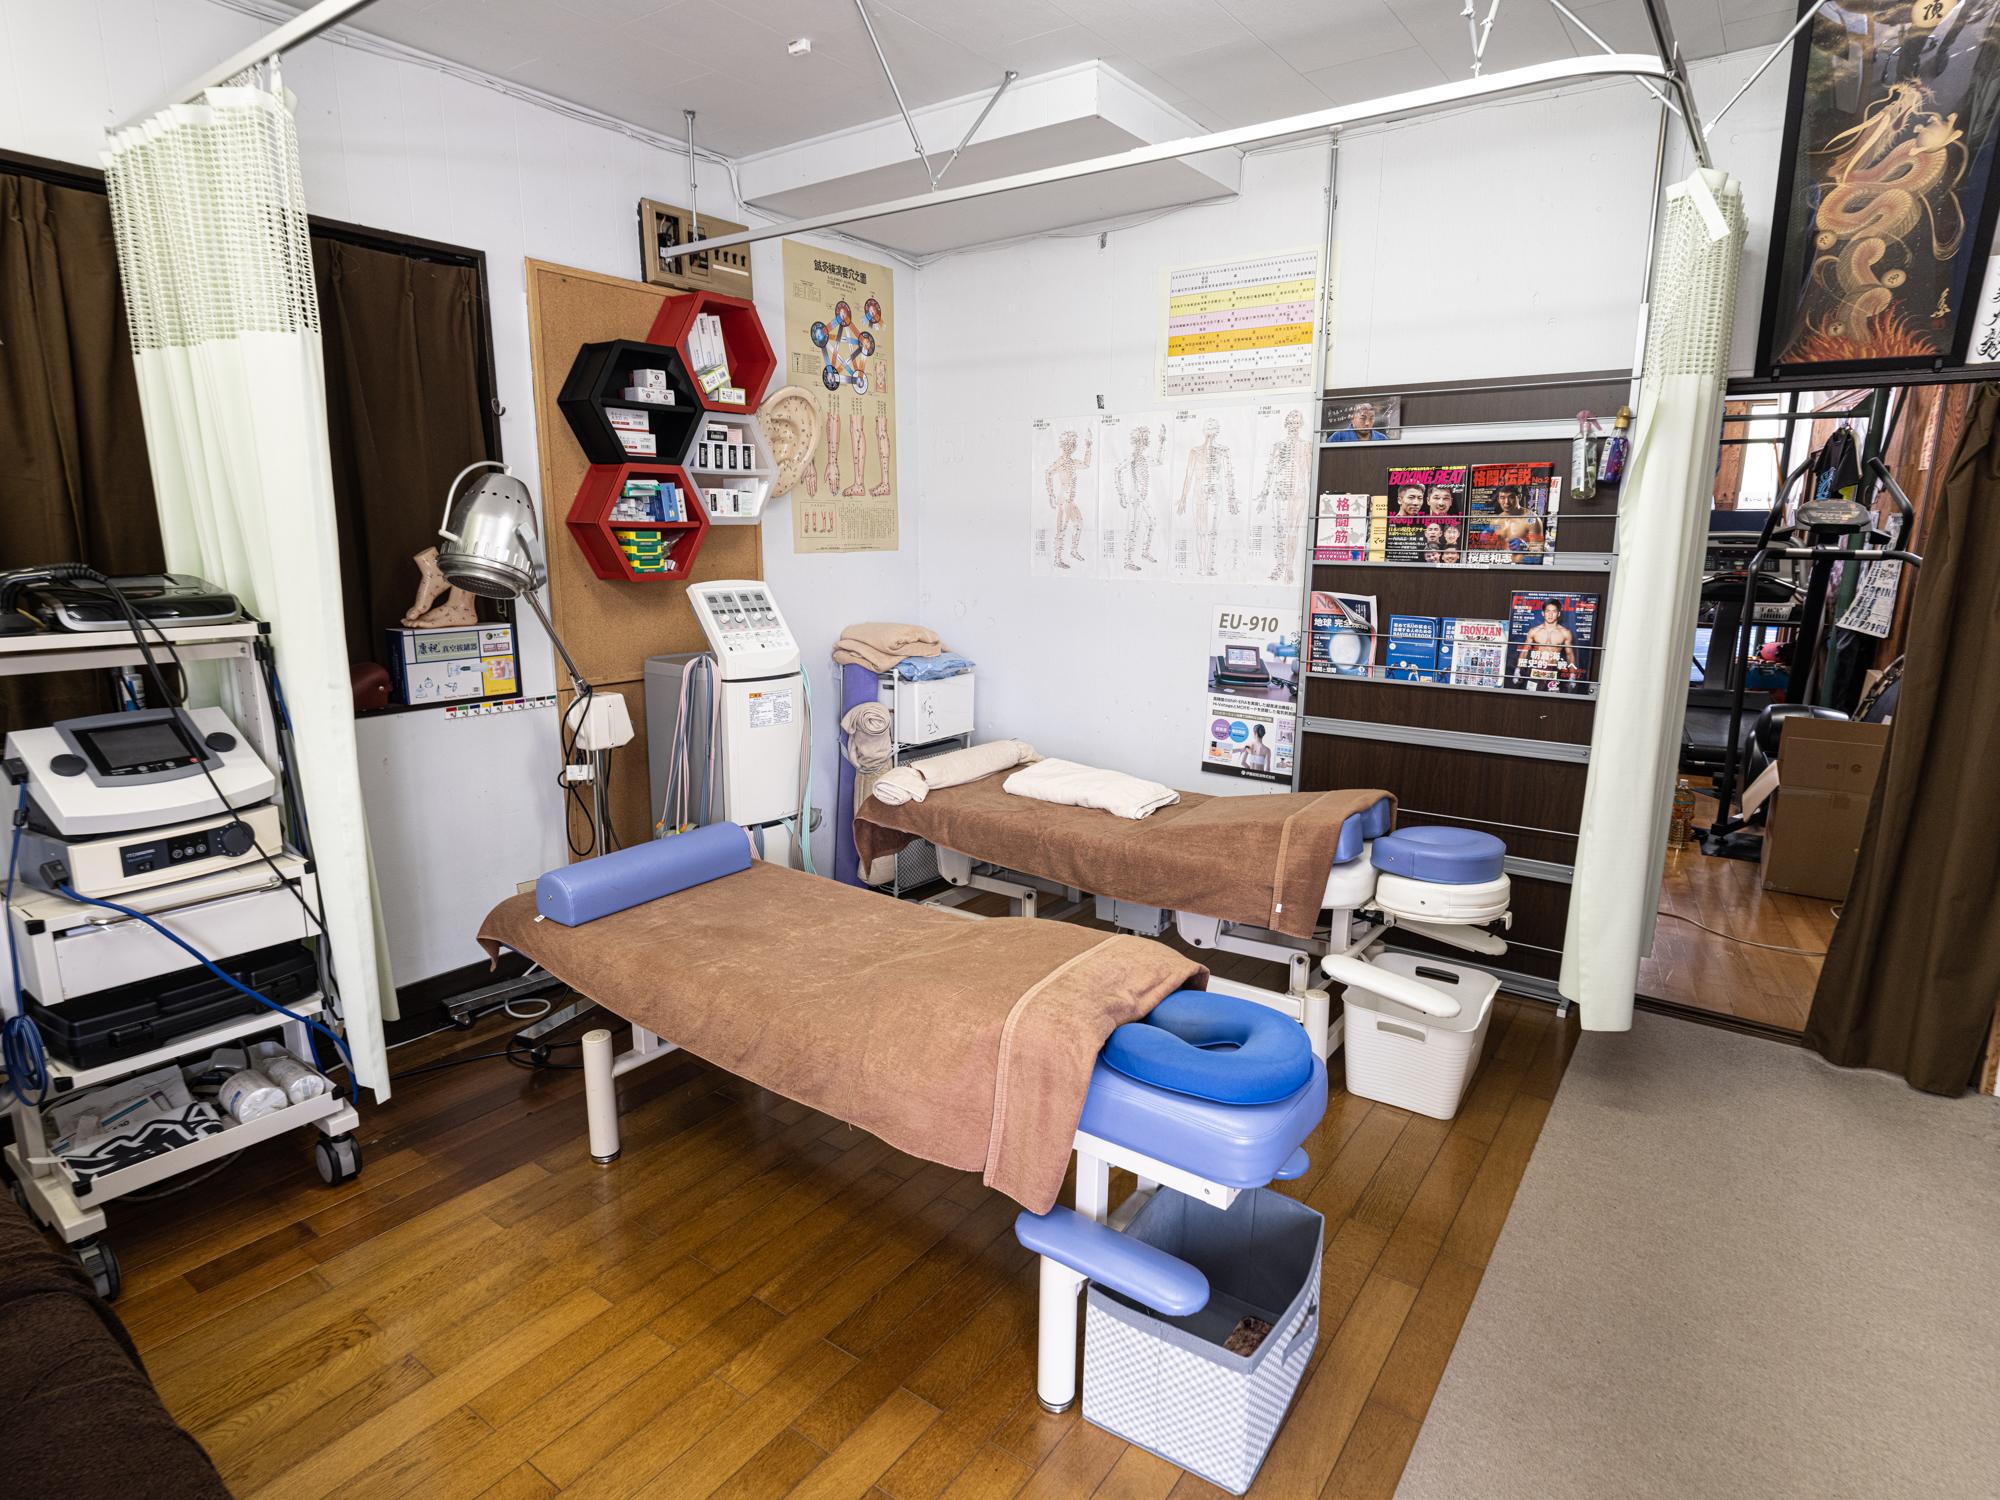 マッハ接骨院 茨城・龍ケ崎院。現役アスリートが施術。試合やトレーニング時のパフォーマンスを高めます。